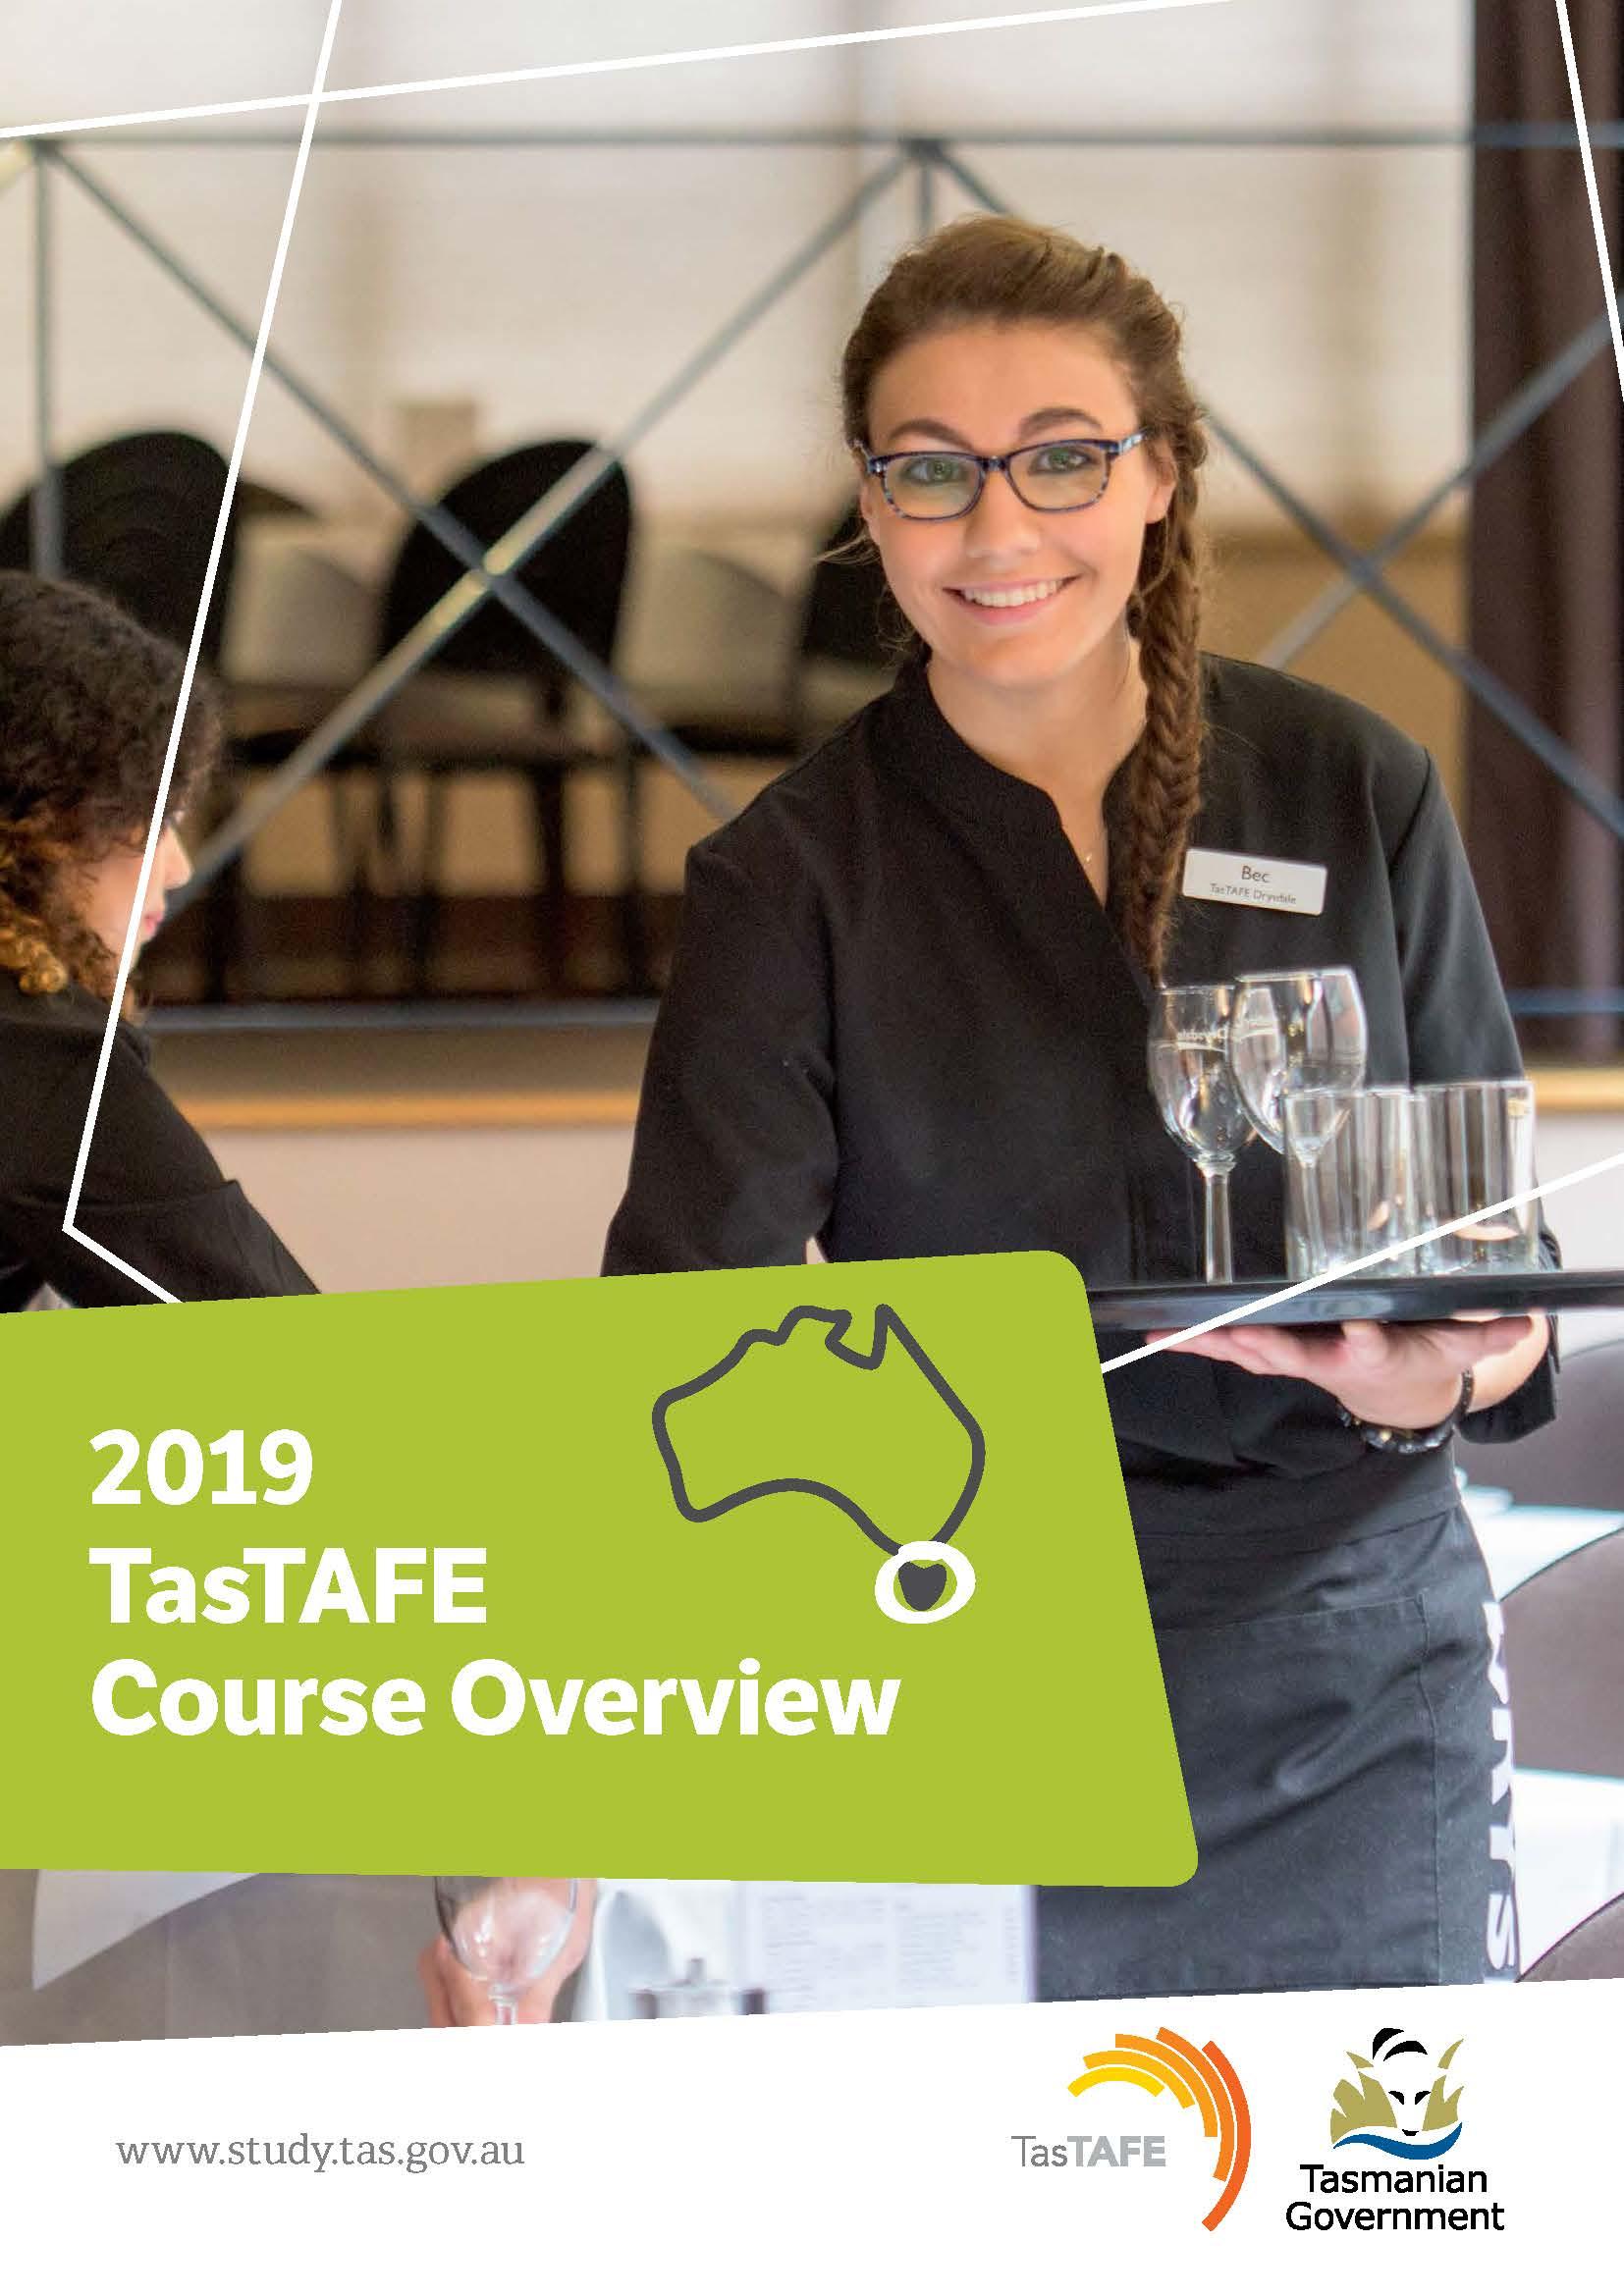 Kết quả hình ảnh cho The Institute of TAFE Tasmania